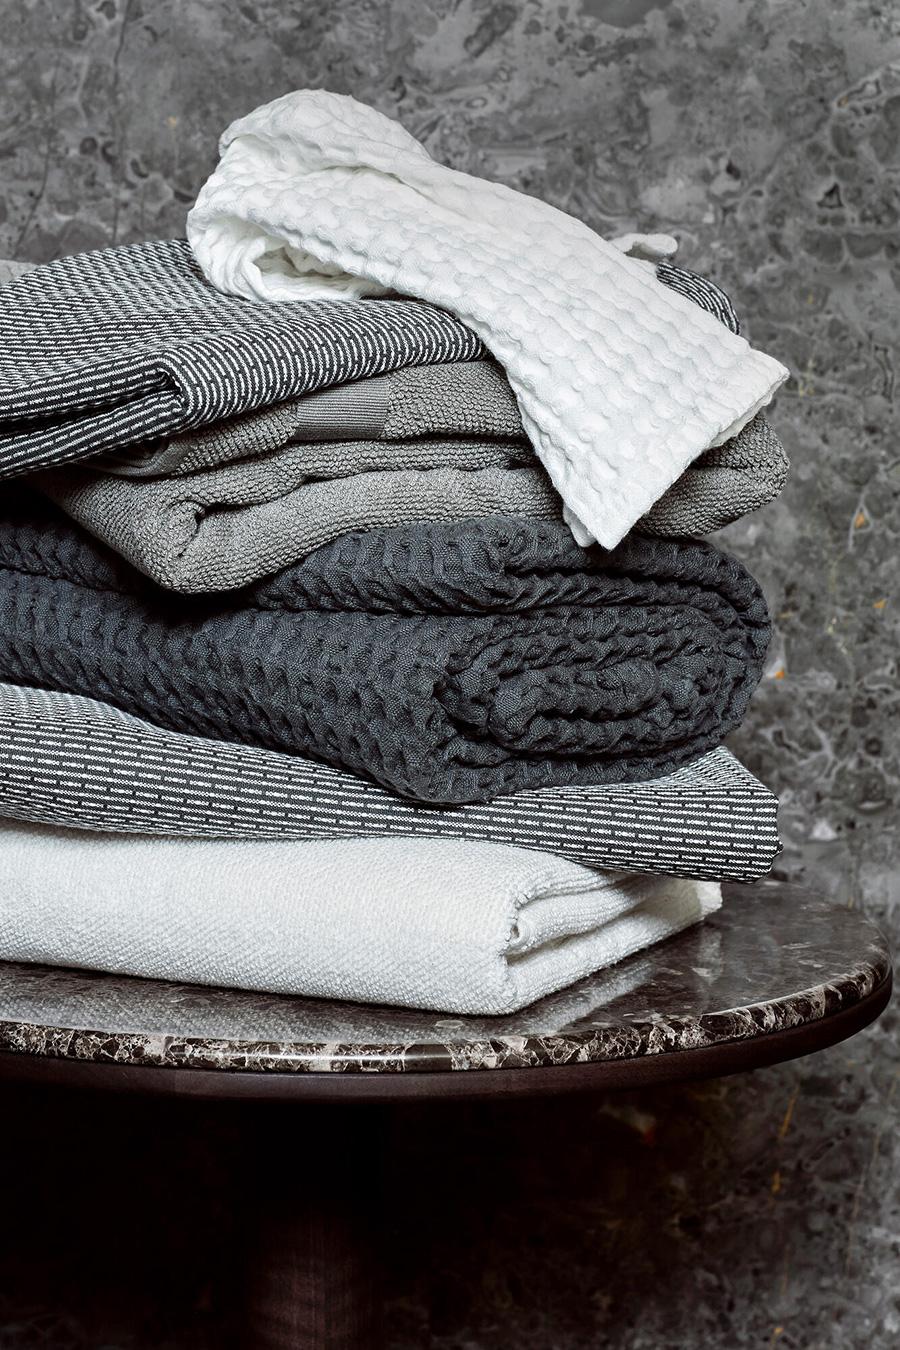 ビッグワッフルシリーズは贅沢な厚みがあり、軽く素肌をなでるだけで水分を吸収してくれる。